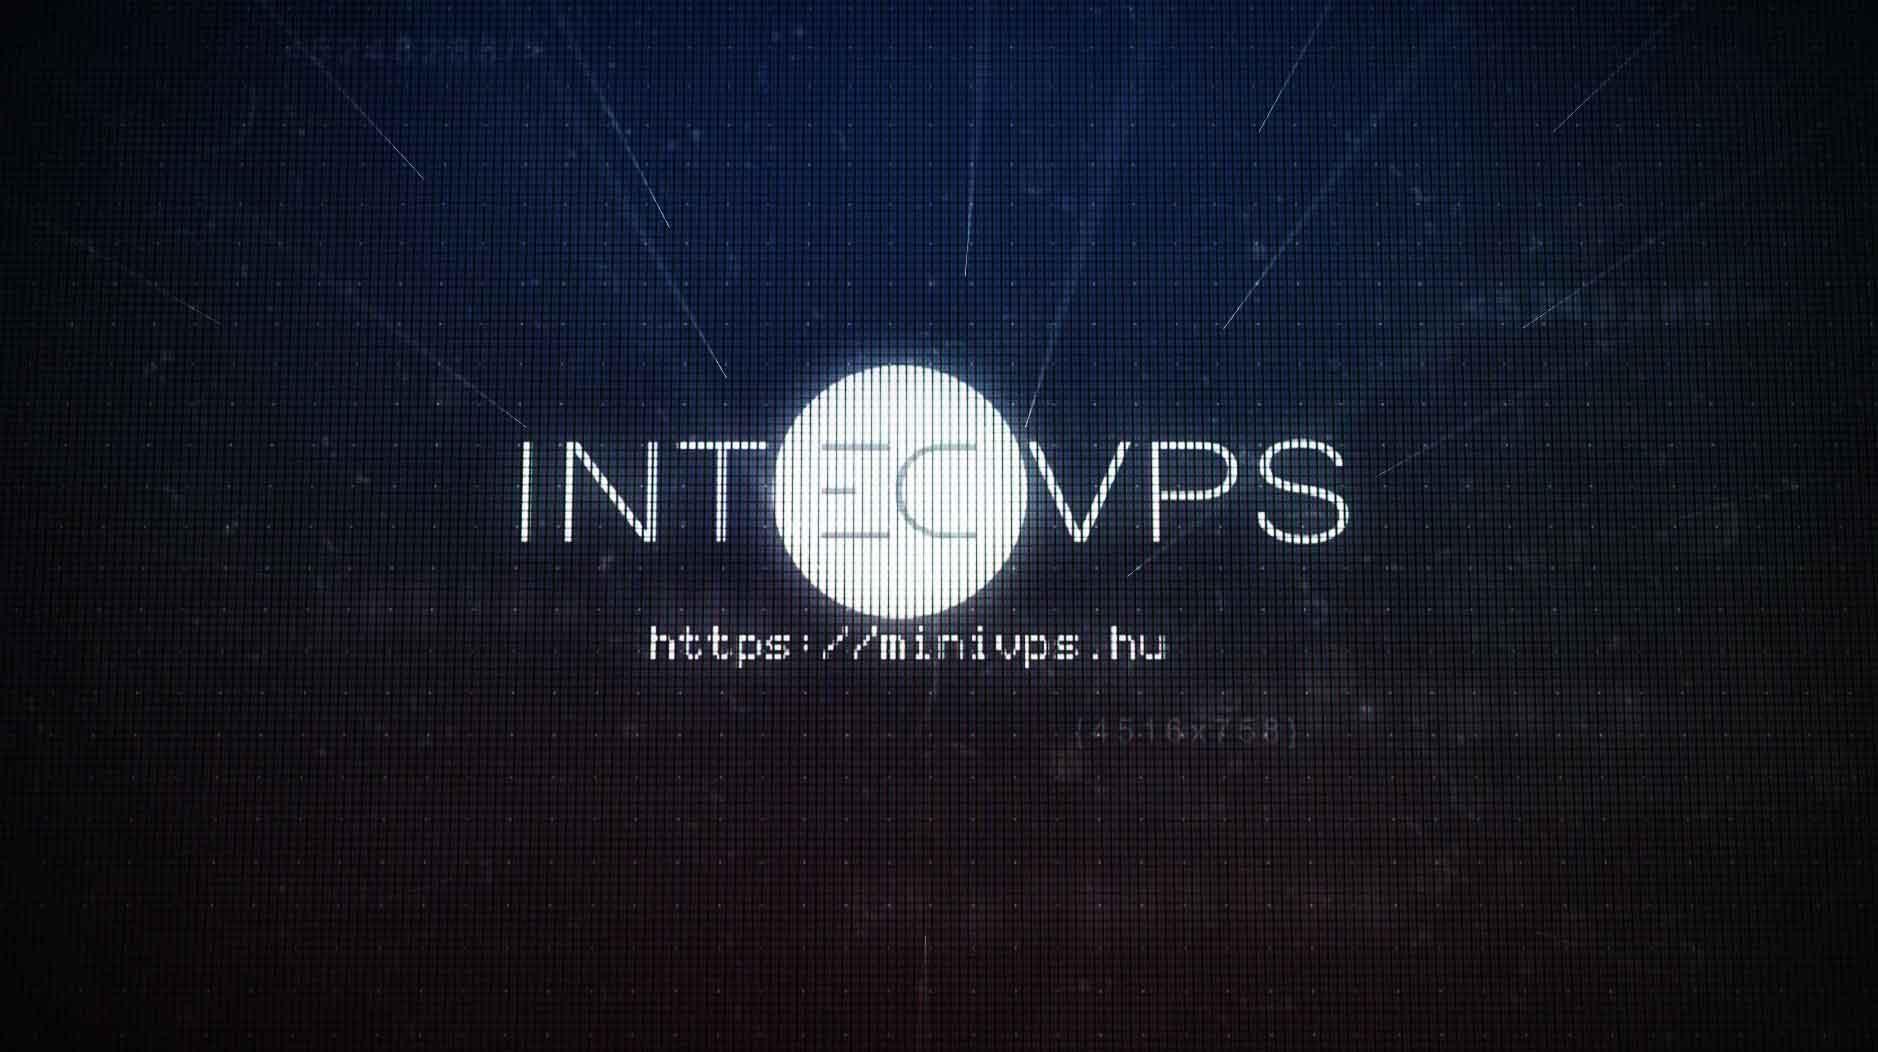 Miért nem gyorsítasz? miniVPS webtárhely helyett